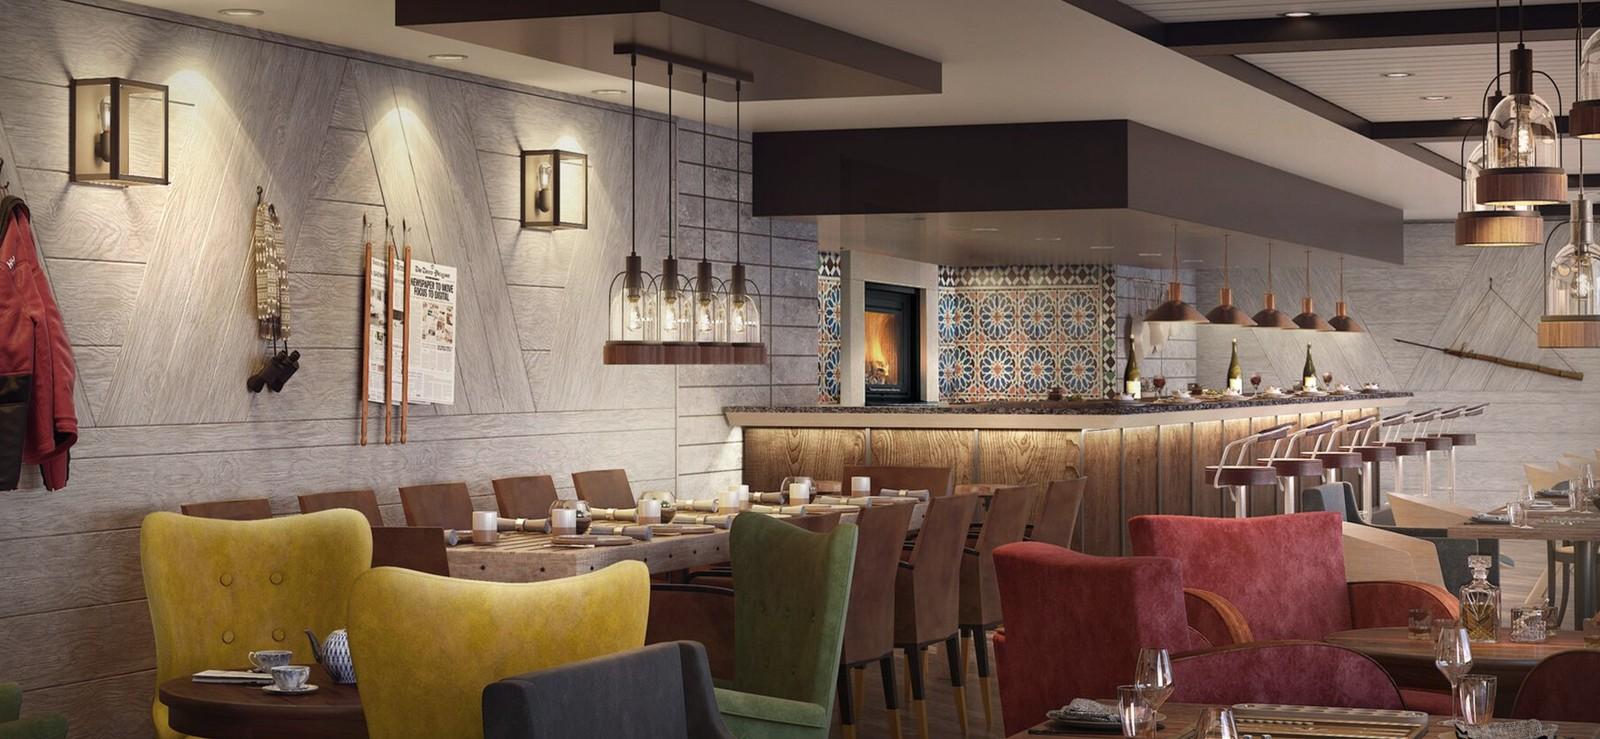 """Slik vil én av restaurantene i de nye hurtigruteskipene bli seende ut. MS """"Roald Amundsen"""" og MS """"Fridtjof Nansen""""."""